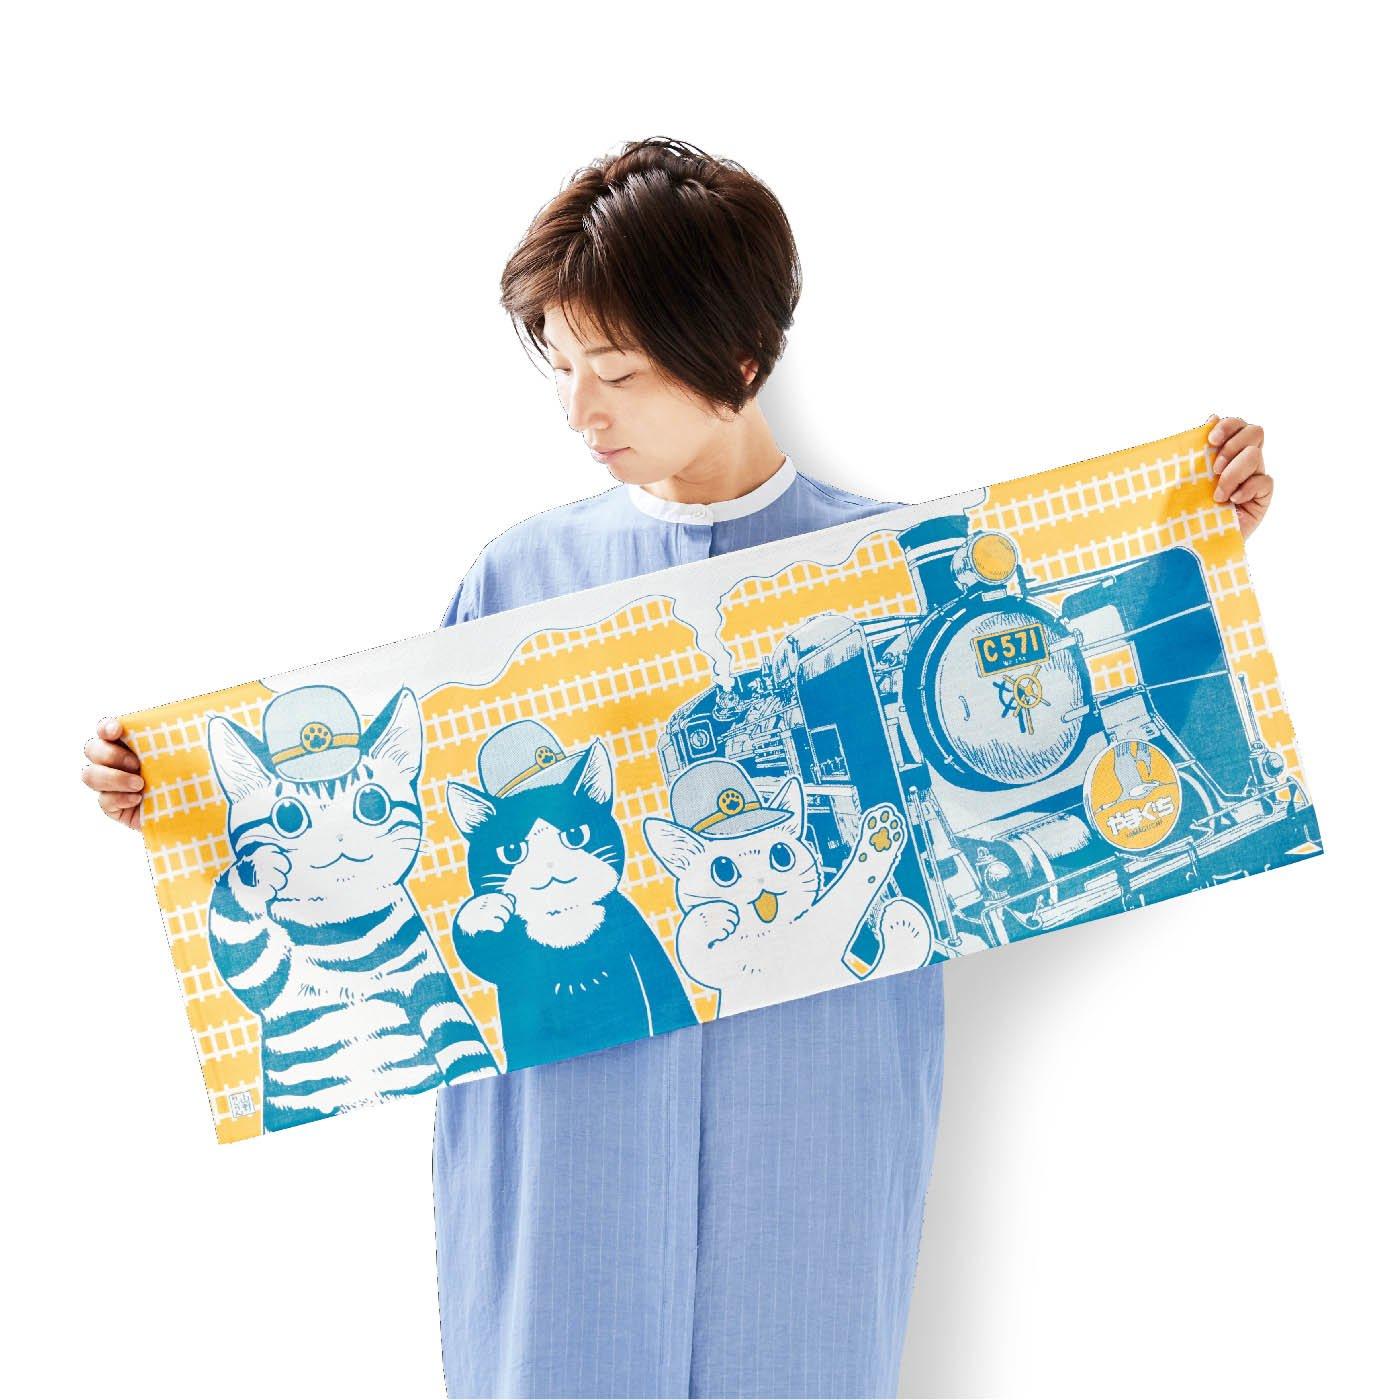 【山口県】JR西日本×フェリシモ猫部 猫まみれ名所 手ぬぐいの会